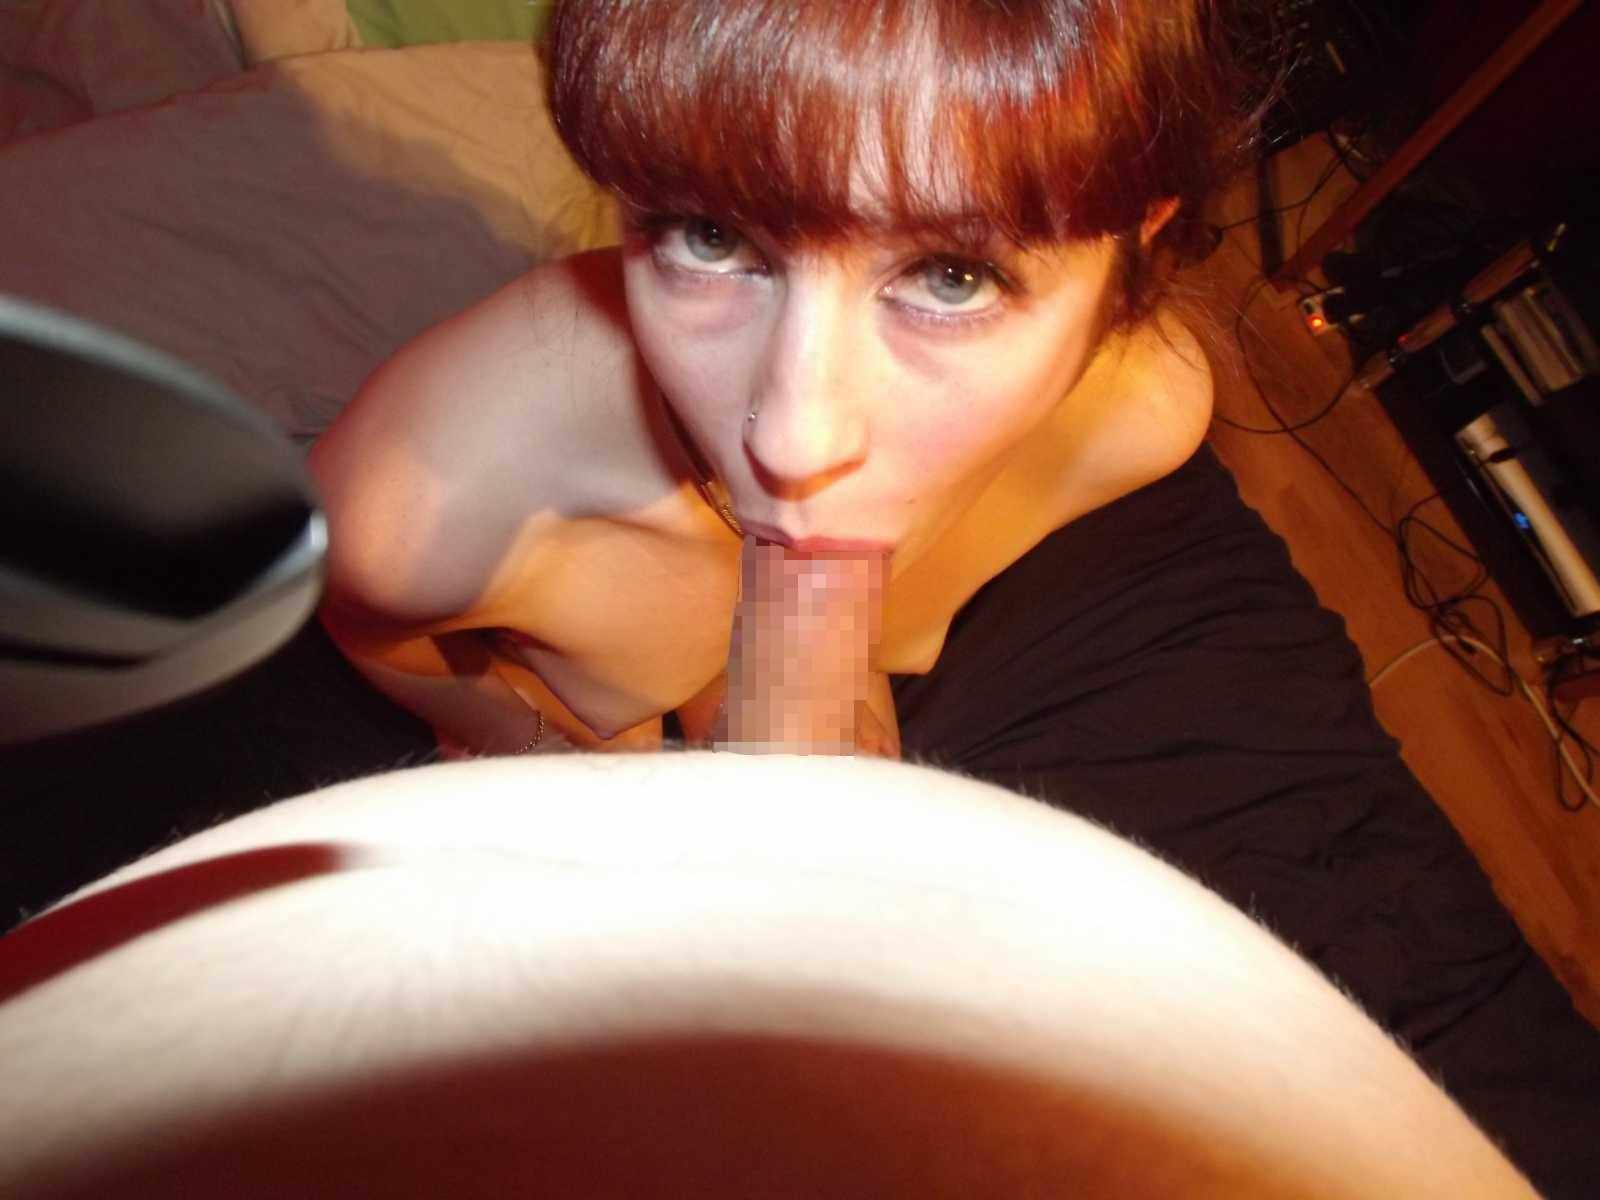 旦那のビッグマラーを美味しくフェラする外人妻www愛のあるフェラって素敵ですねwww 2141